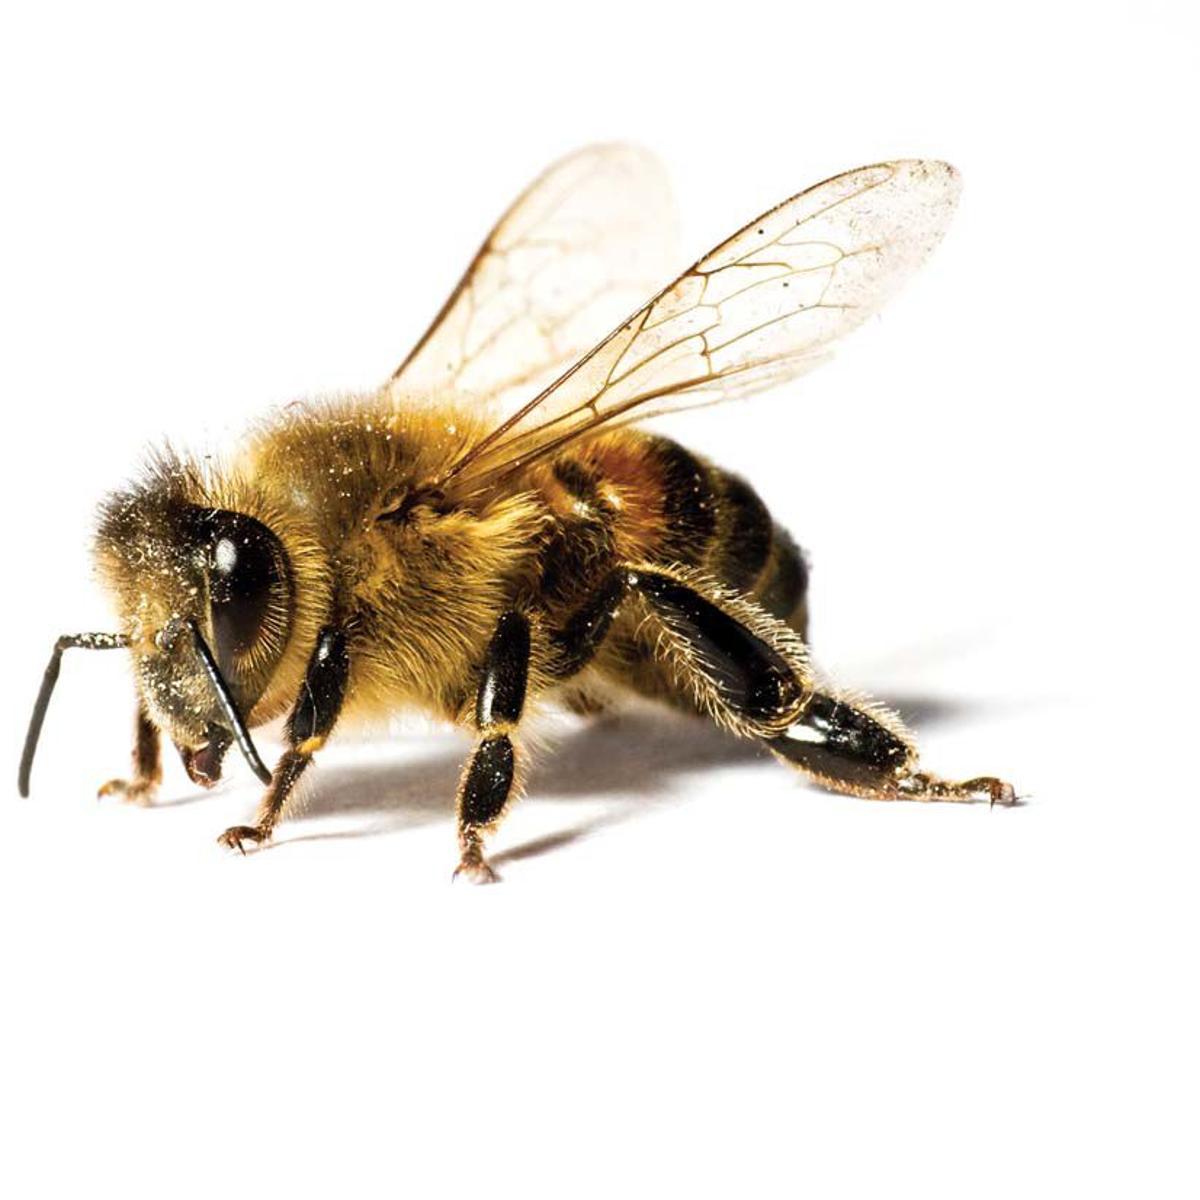 Not-so-killer bees | Taking Note | journalnow.com